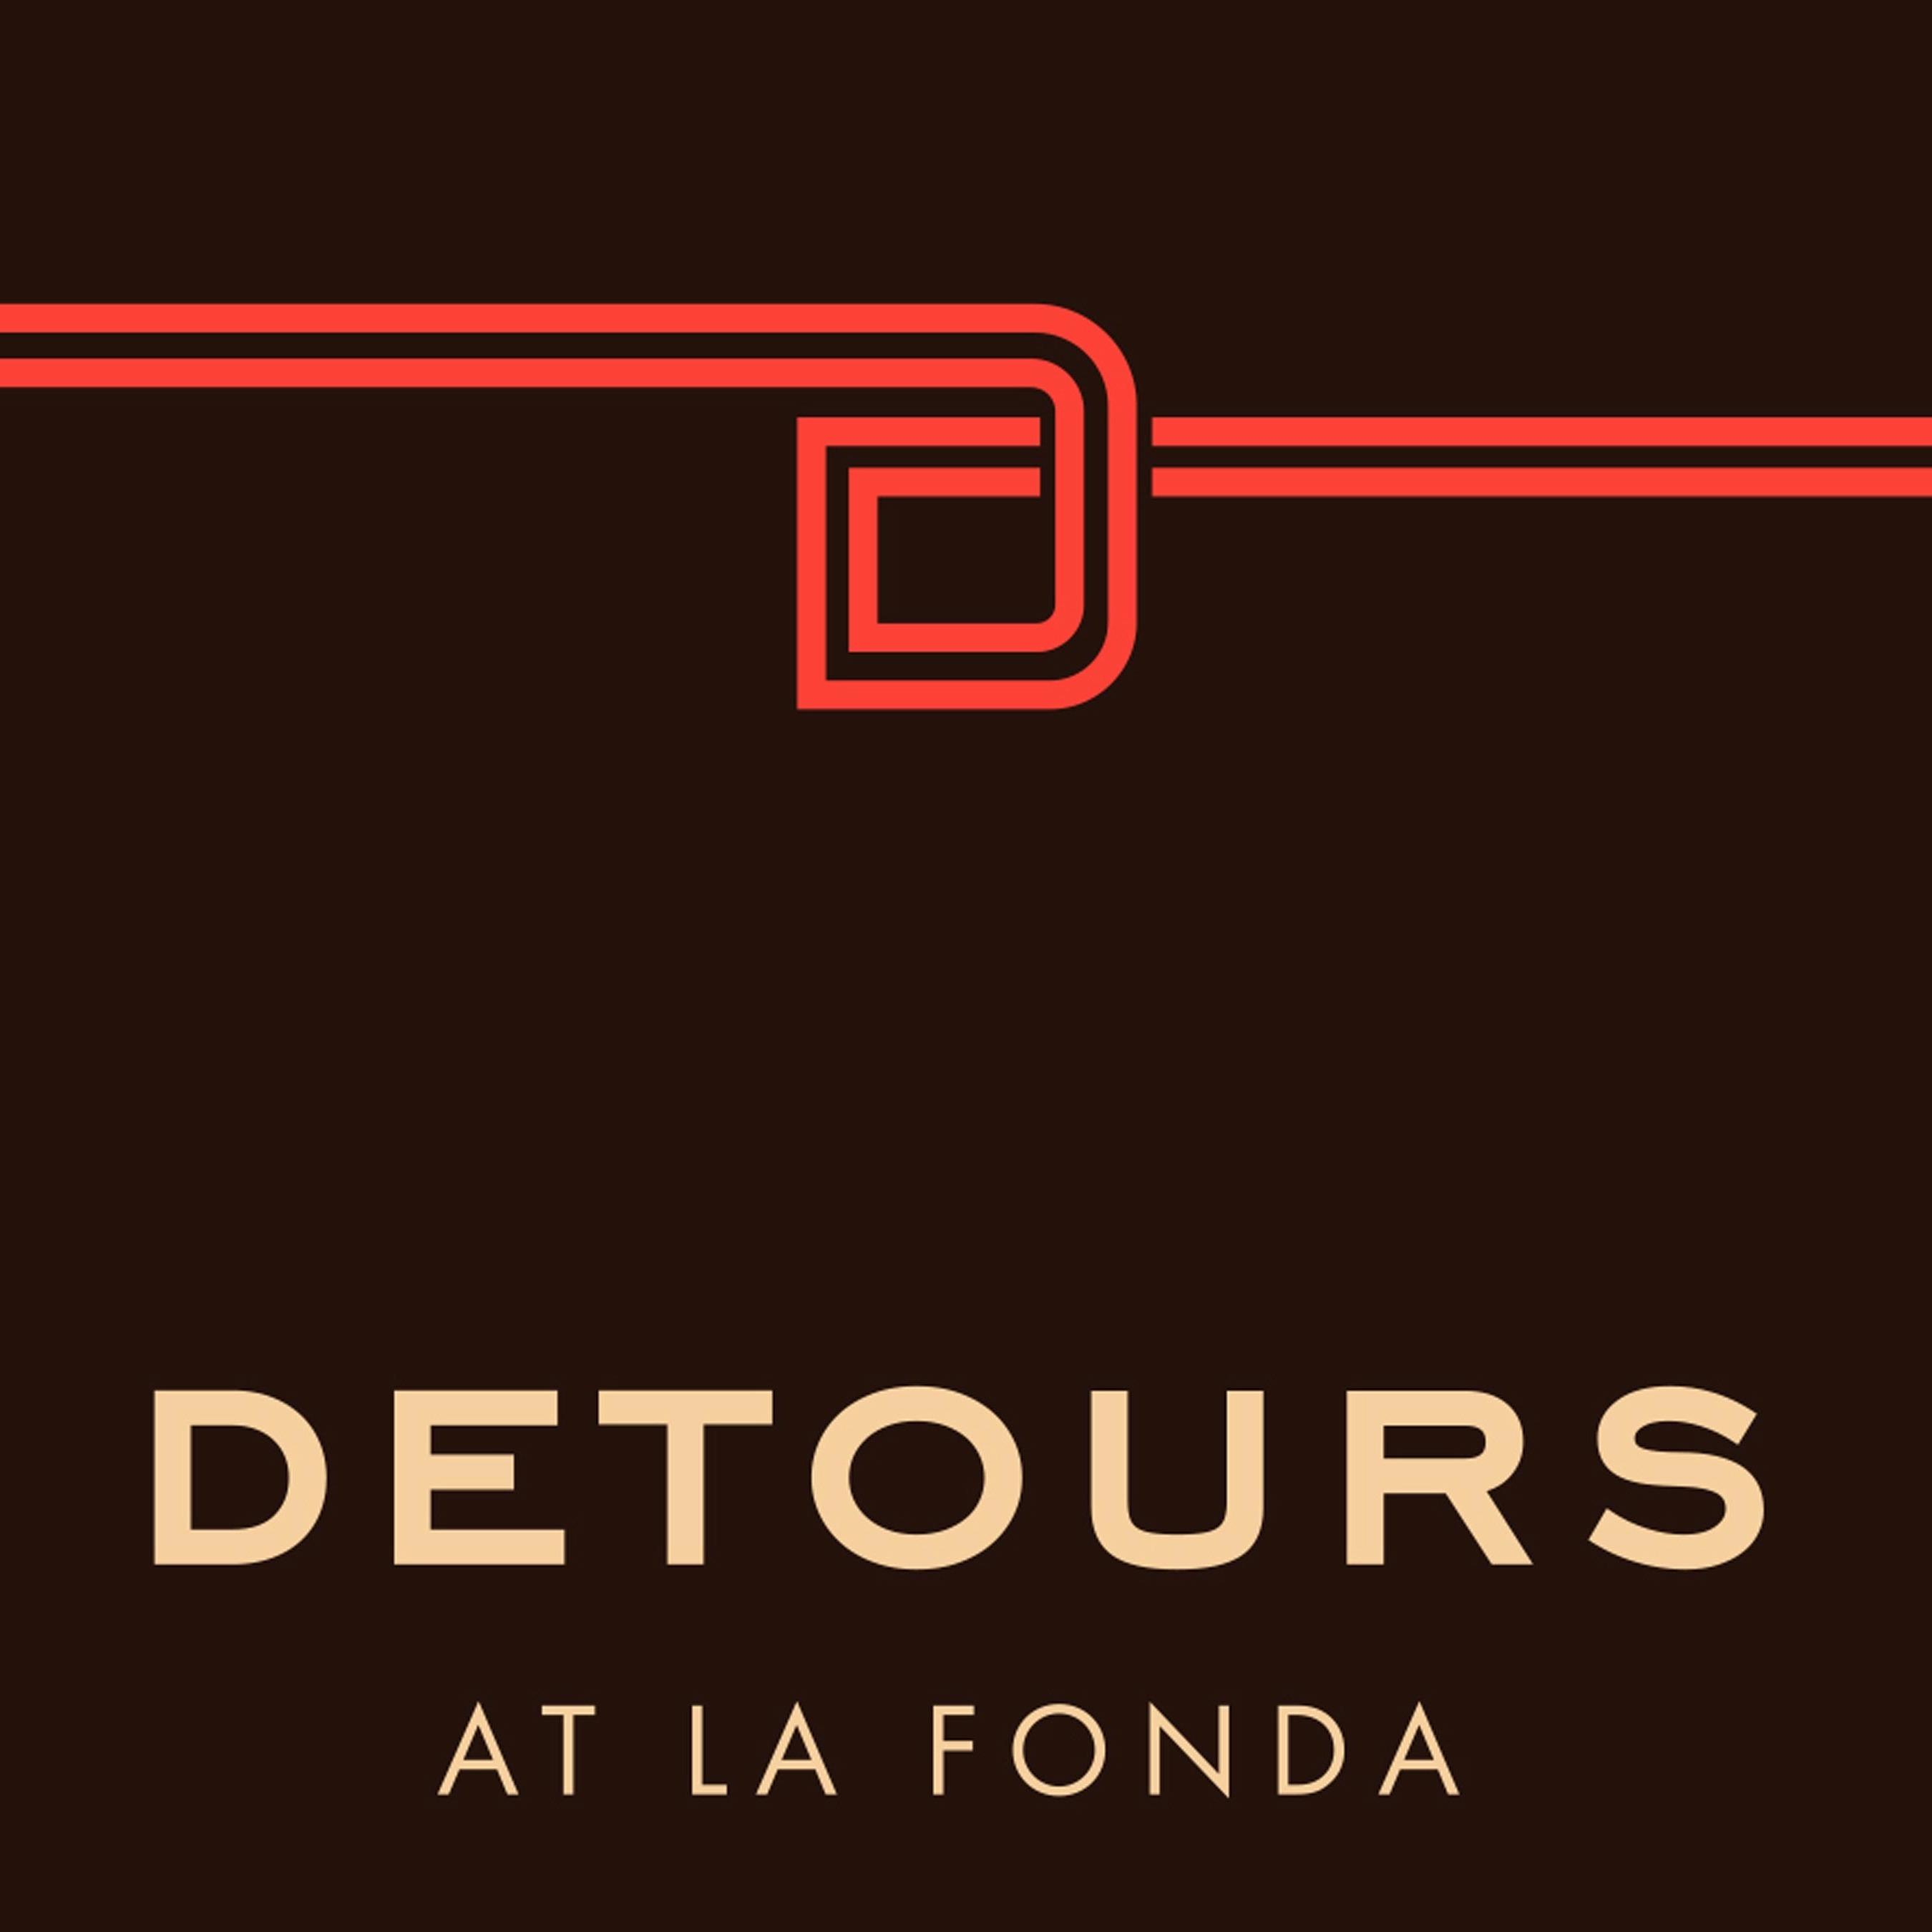 Detours at La Fonda